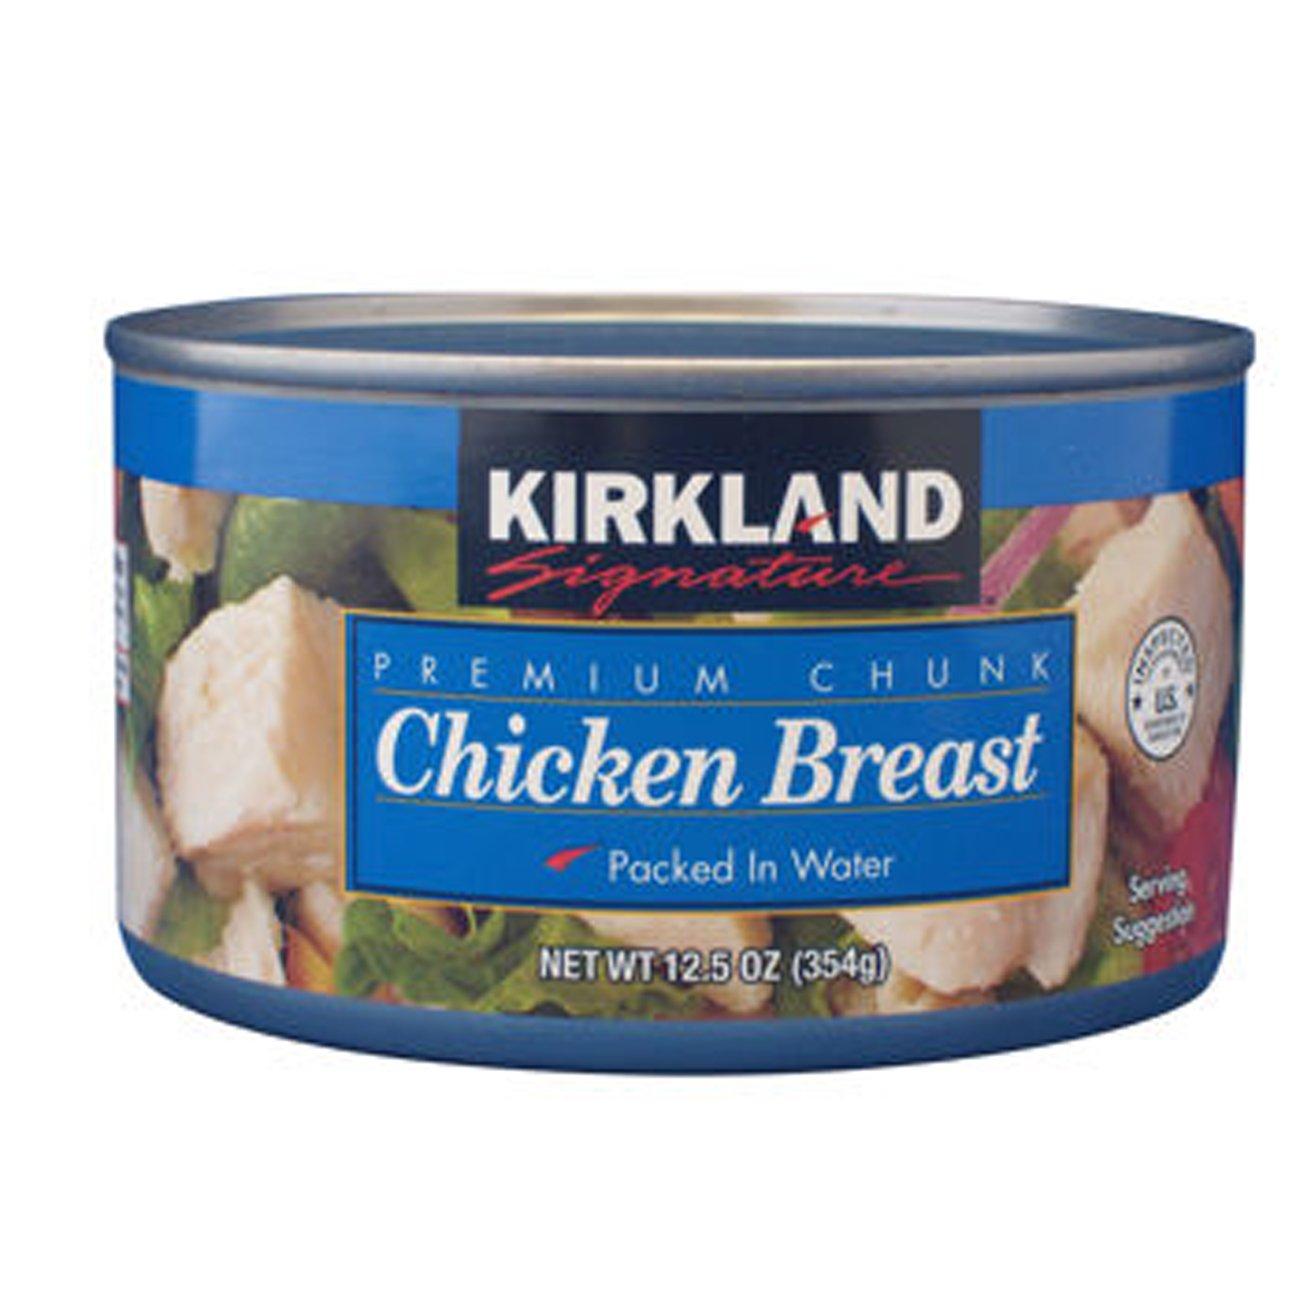 Kirkland Signature™ Premium Chunk Chicken Breast 12.5oz 24-pack - COS